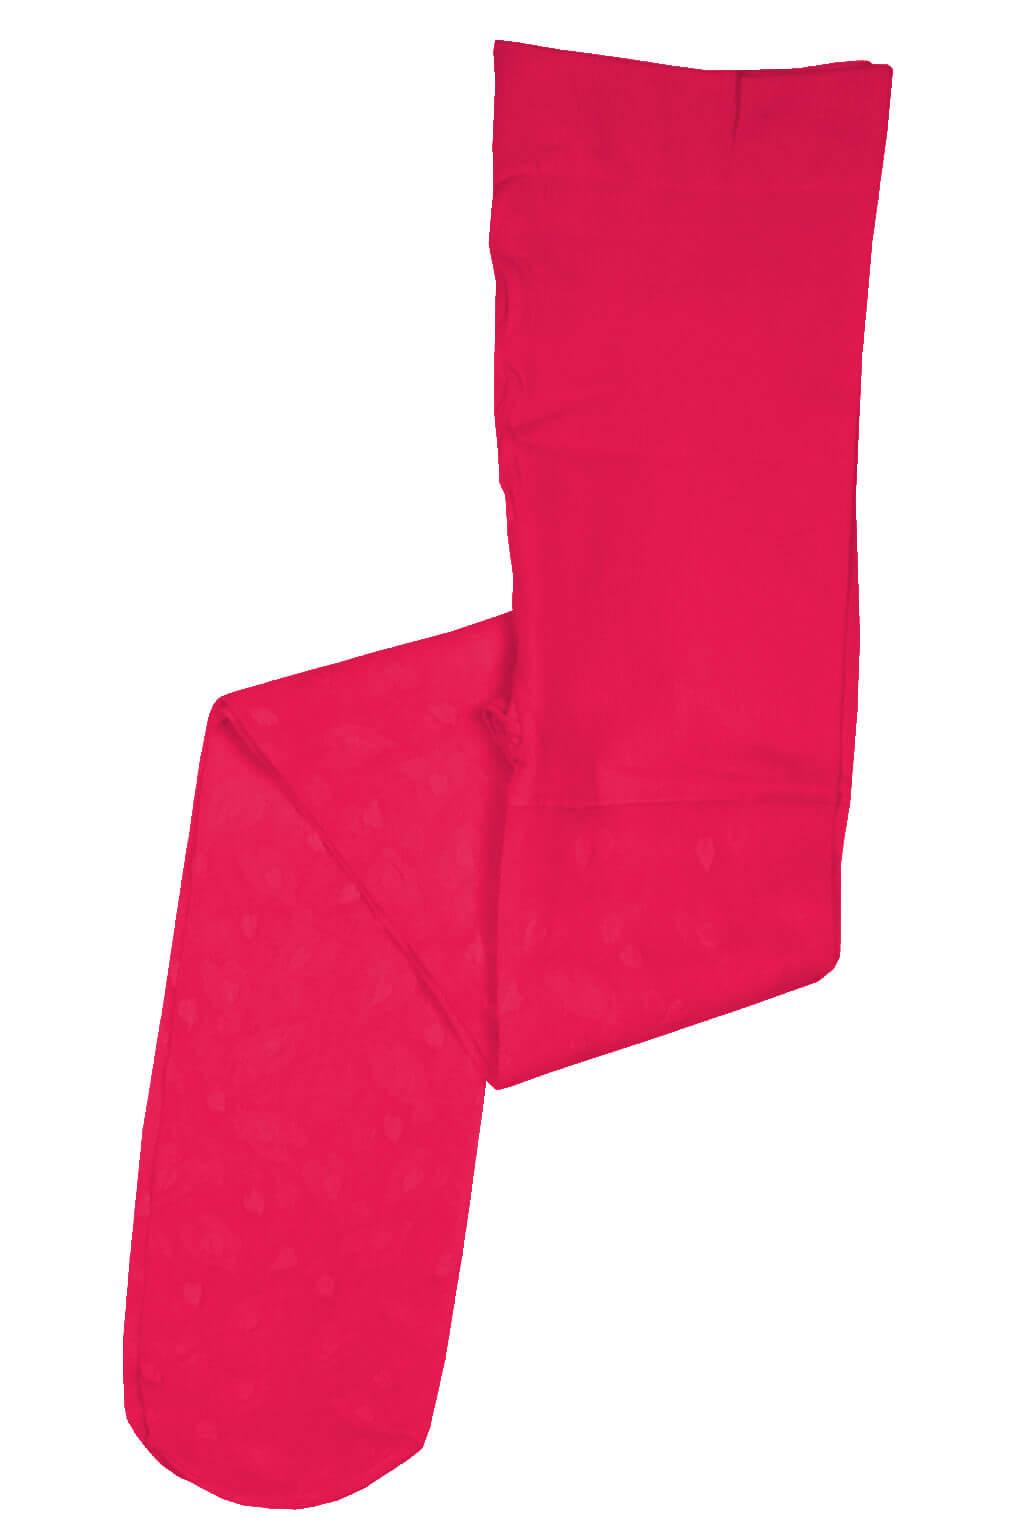 50defb89893 Silonkové punčochy pro slečny - 40 denů 3-4 roky růžová